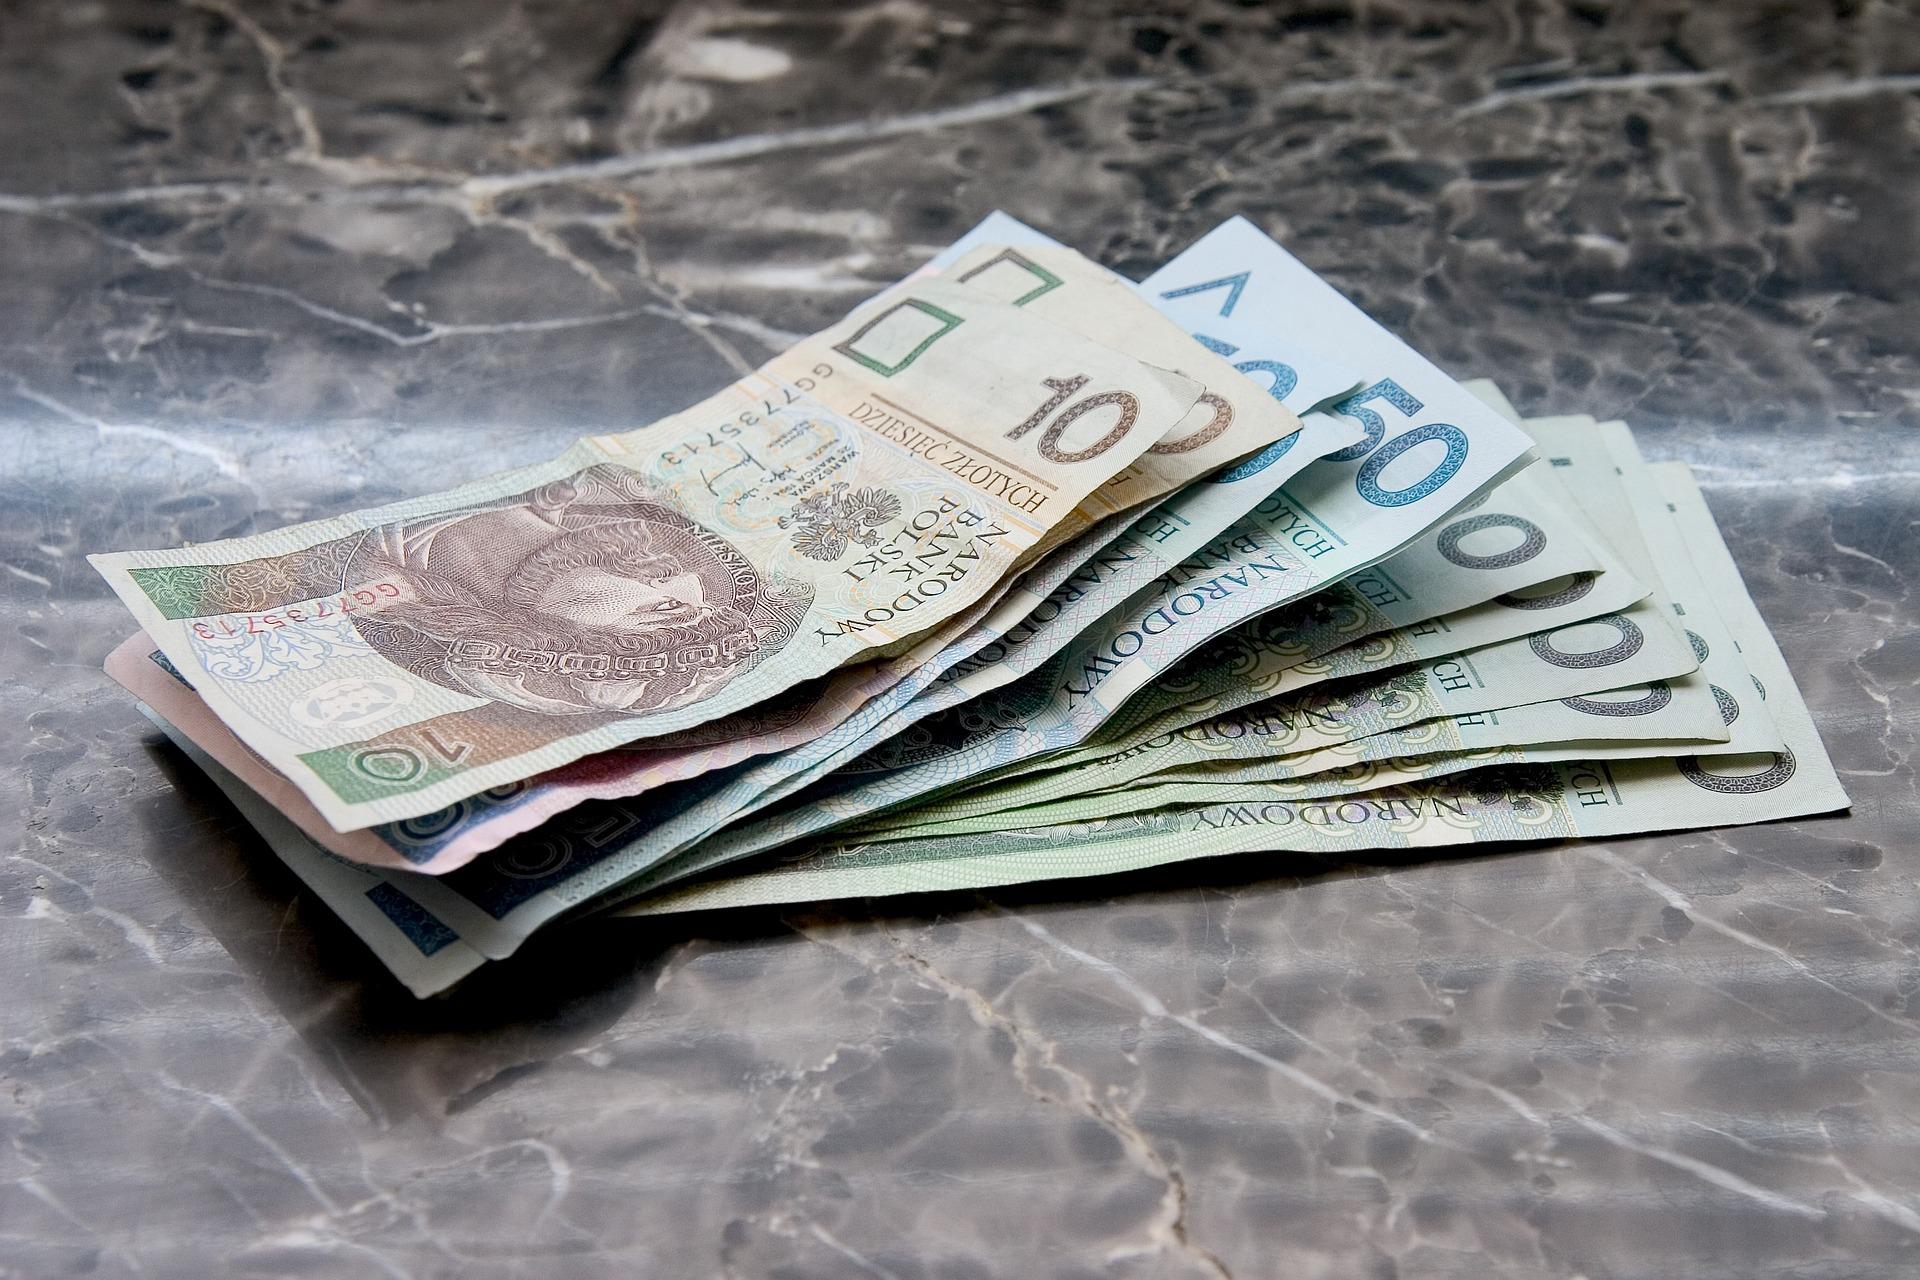 Koszt wychowania dzieci wzrósł o 10–20 tys. zł w porównaniu z ubiegłym rokiem - Zdjęcie główne